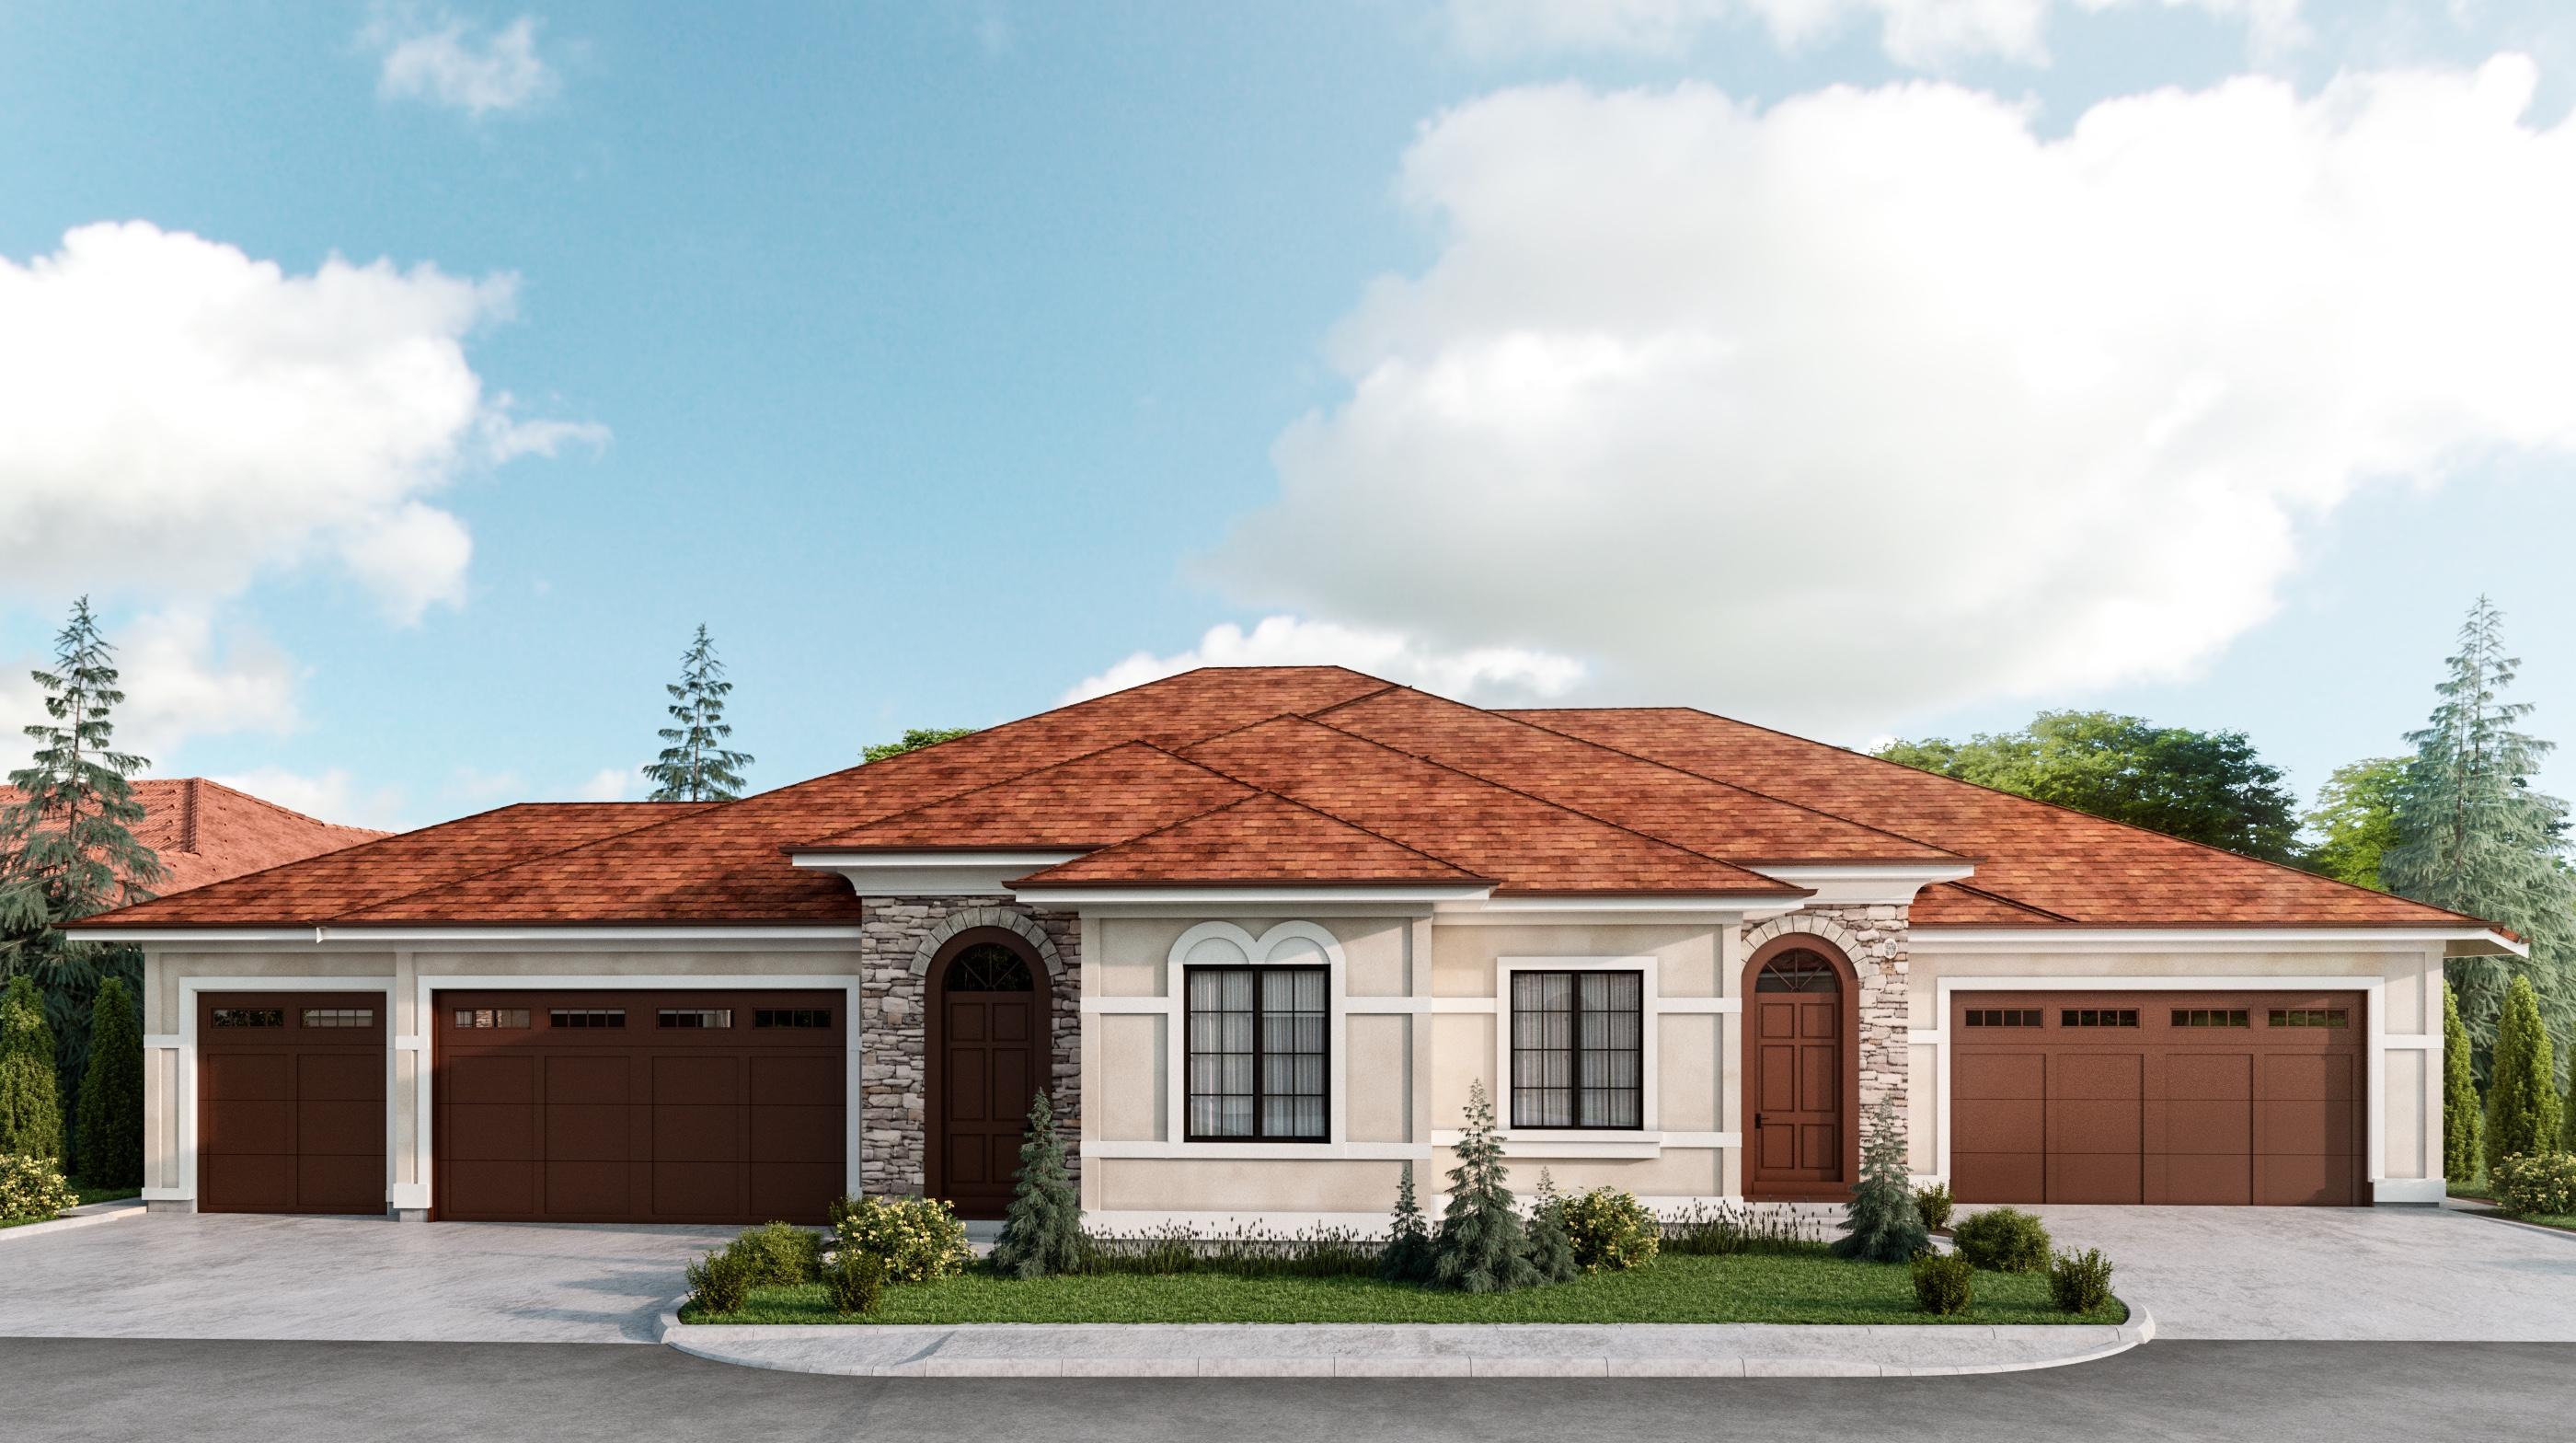 1636 Toscano Ter, Oconomowoc, Wisconsin 53066, 2 Bedrooms Bedrooms, ,2 BathroomsBathrooms,Condominiums,For Sale,Toscano Ter,1,1687080